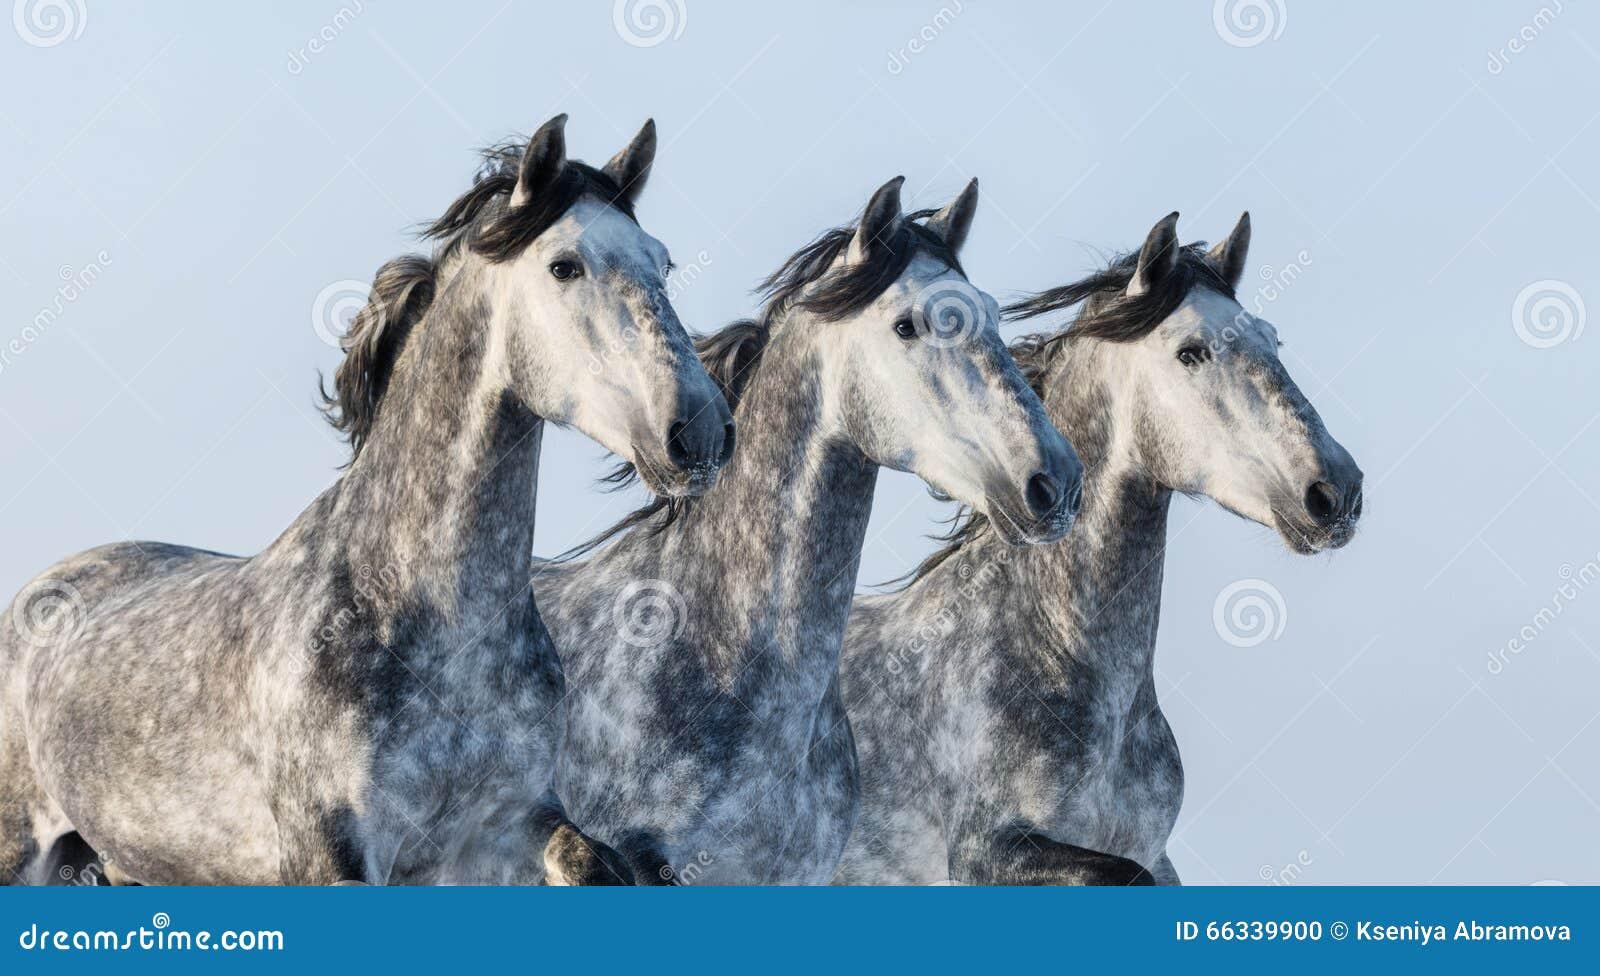 Três cavalos cinzentos - retrato no movimento